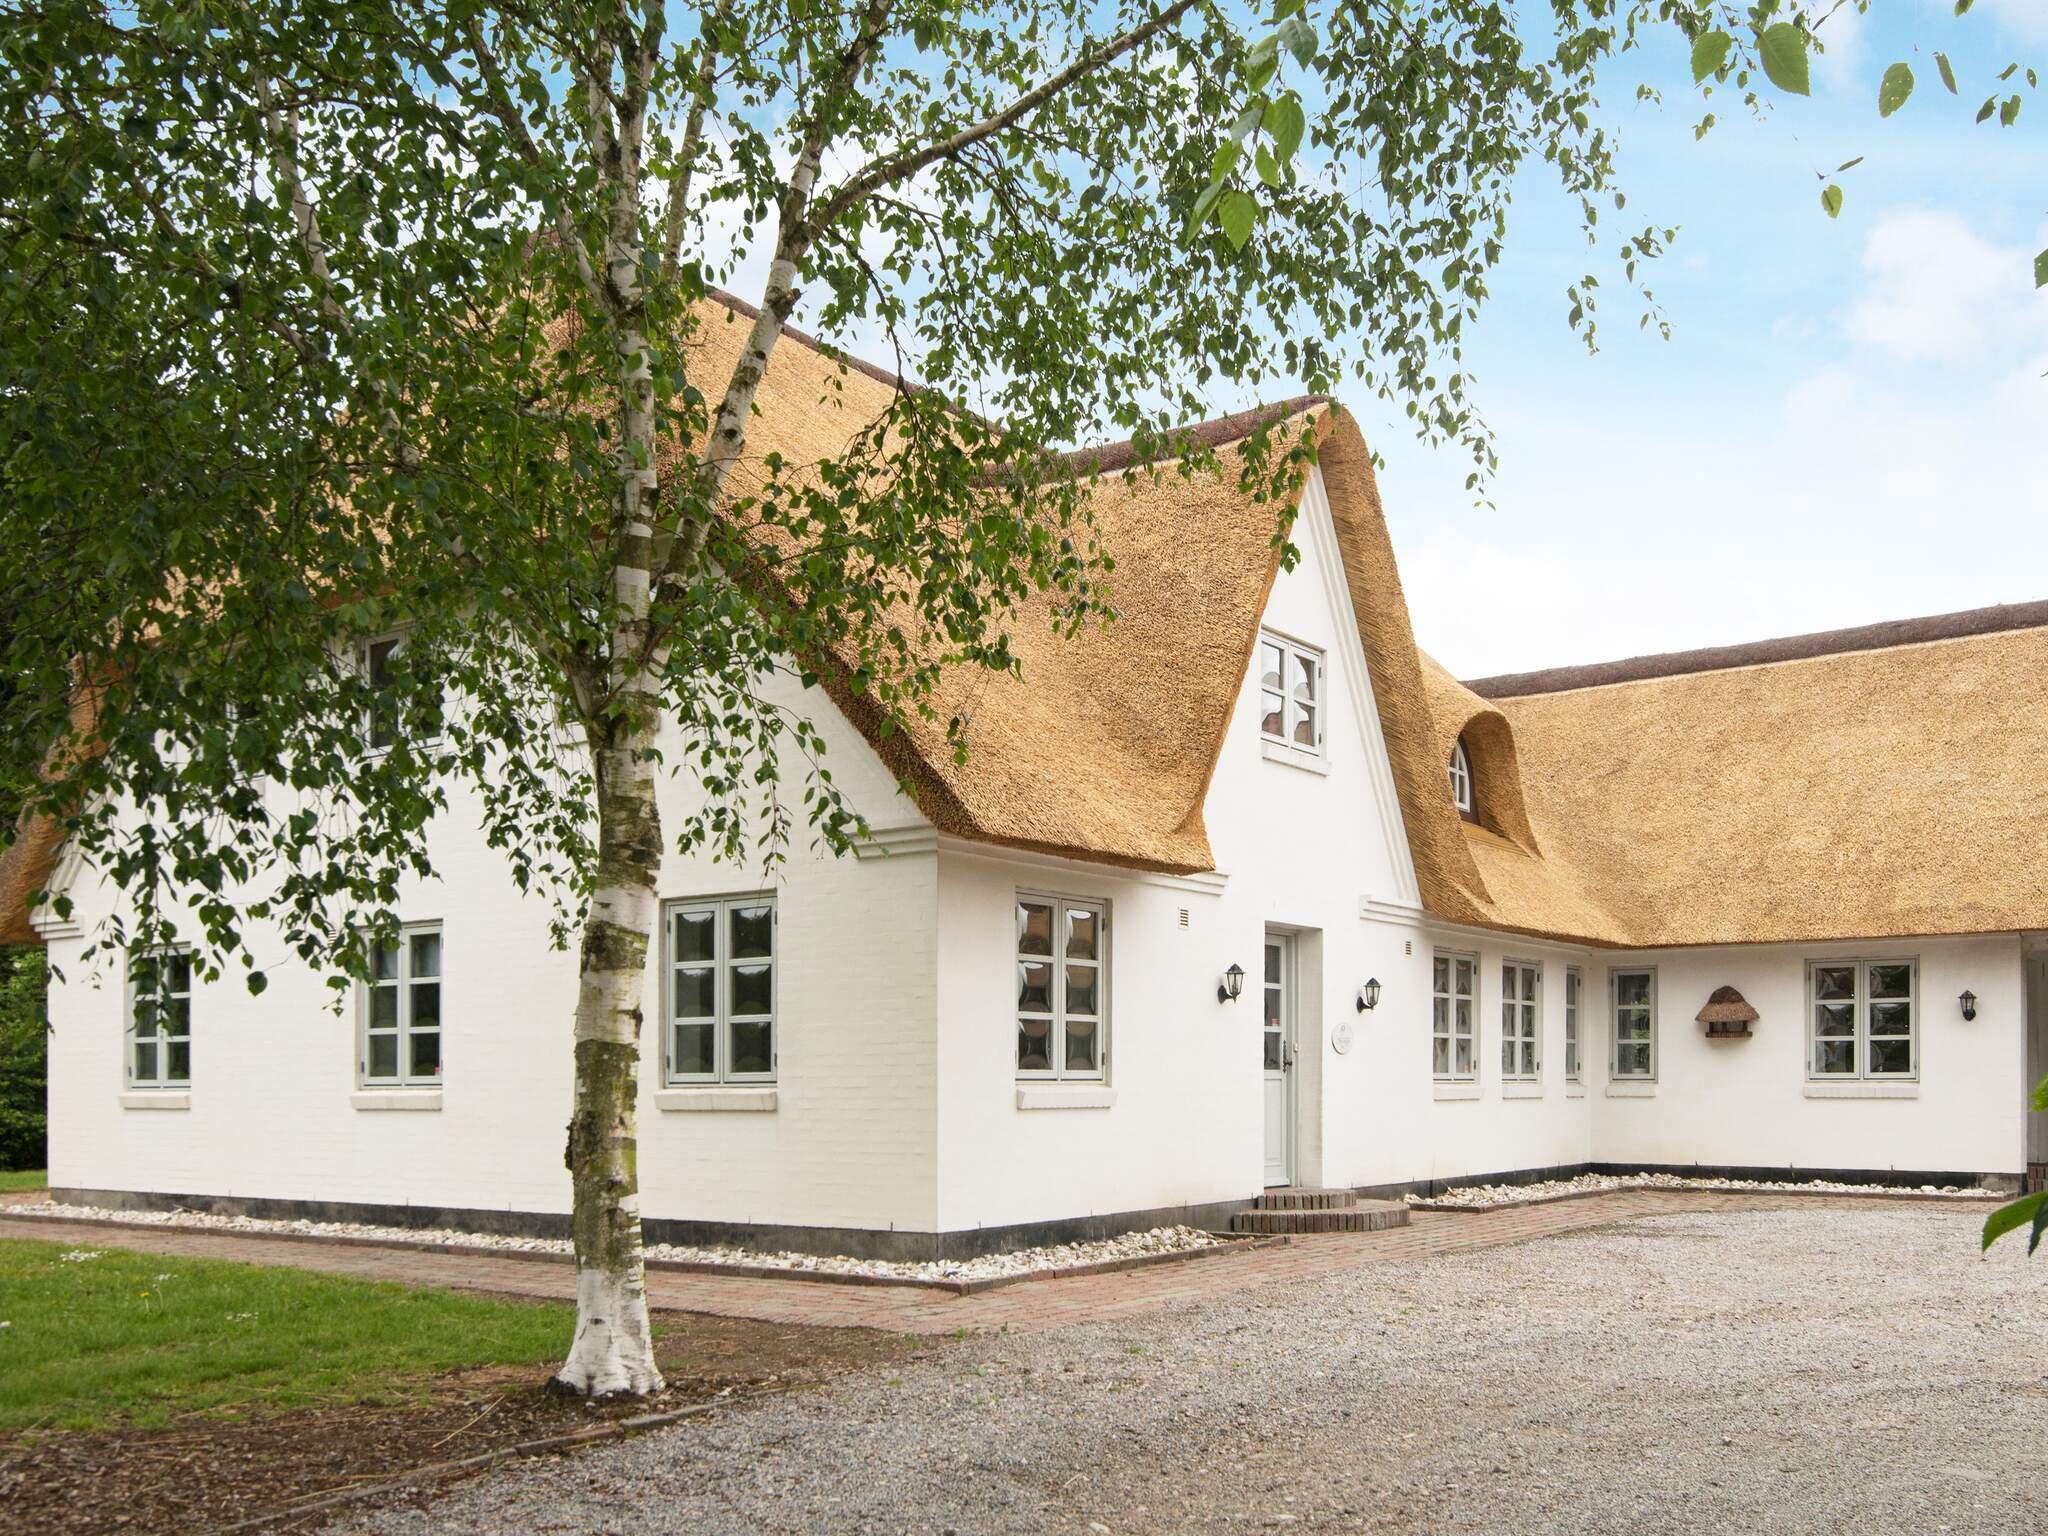 Ferienhaus Gram (2596230), Gram, , Südwestjütland, Dänemark, Bild 22